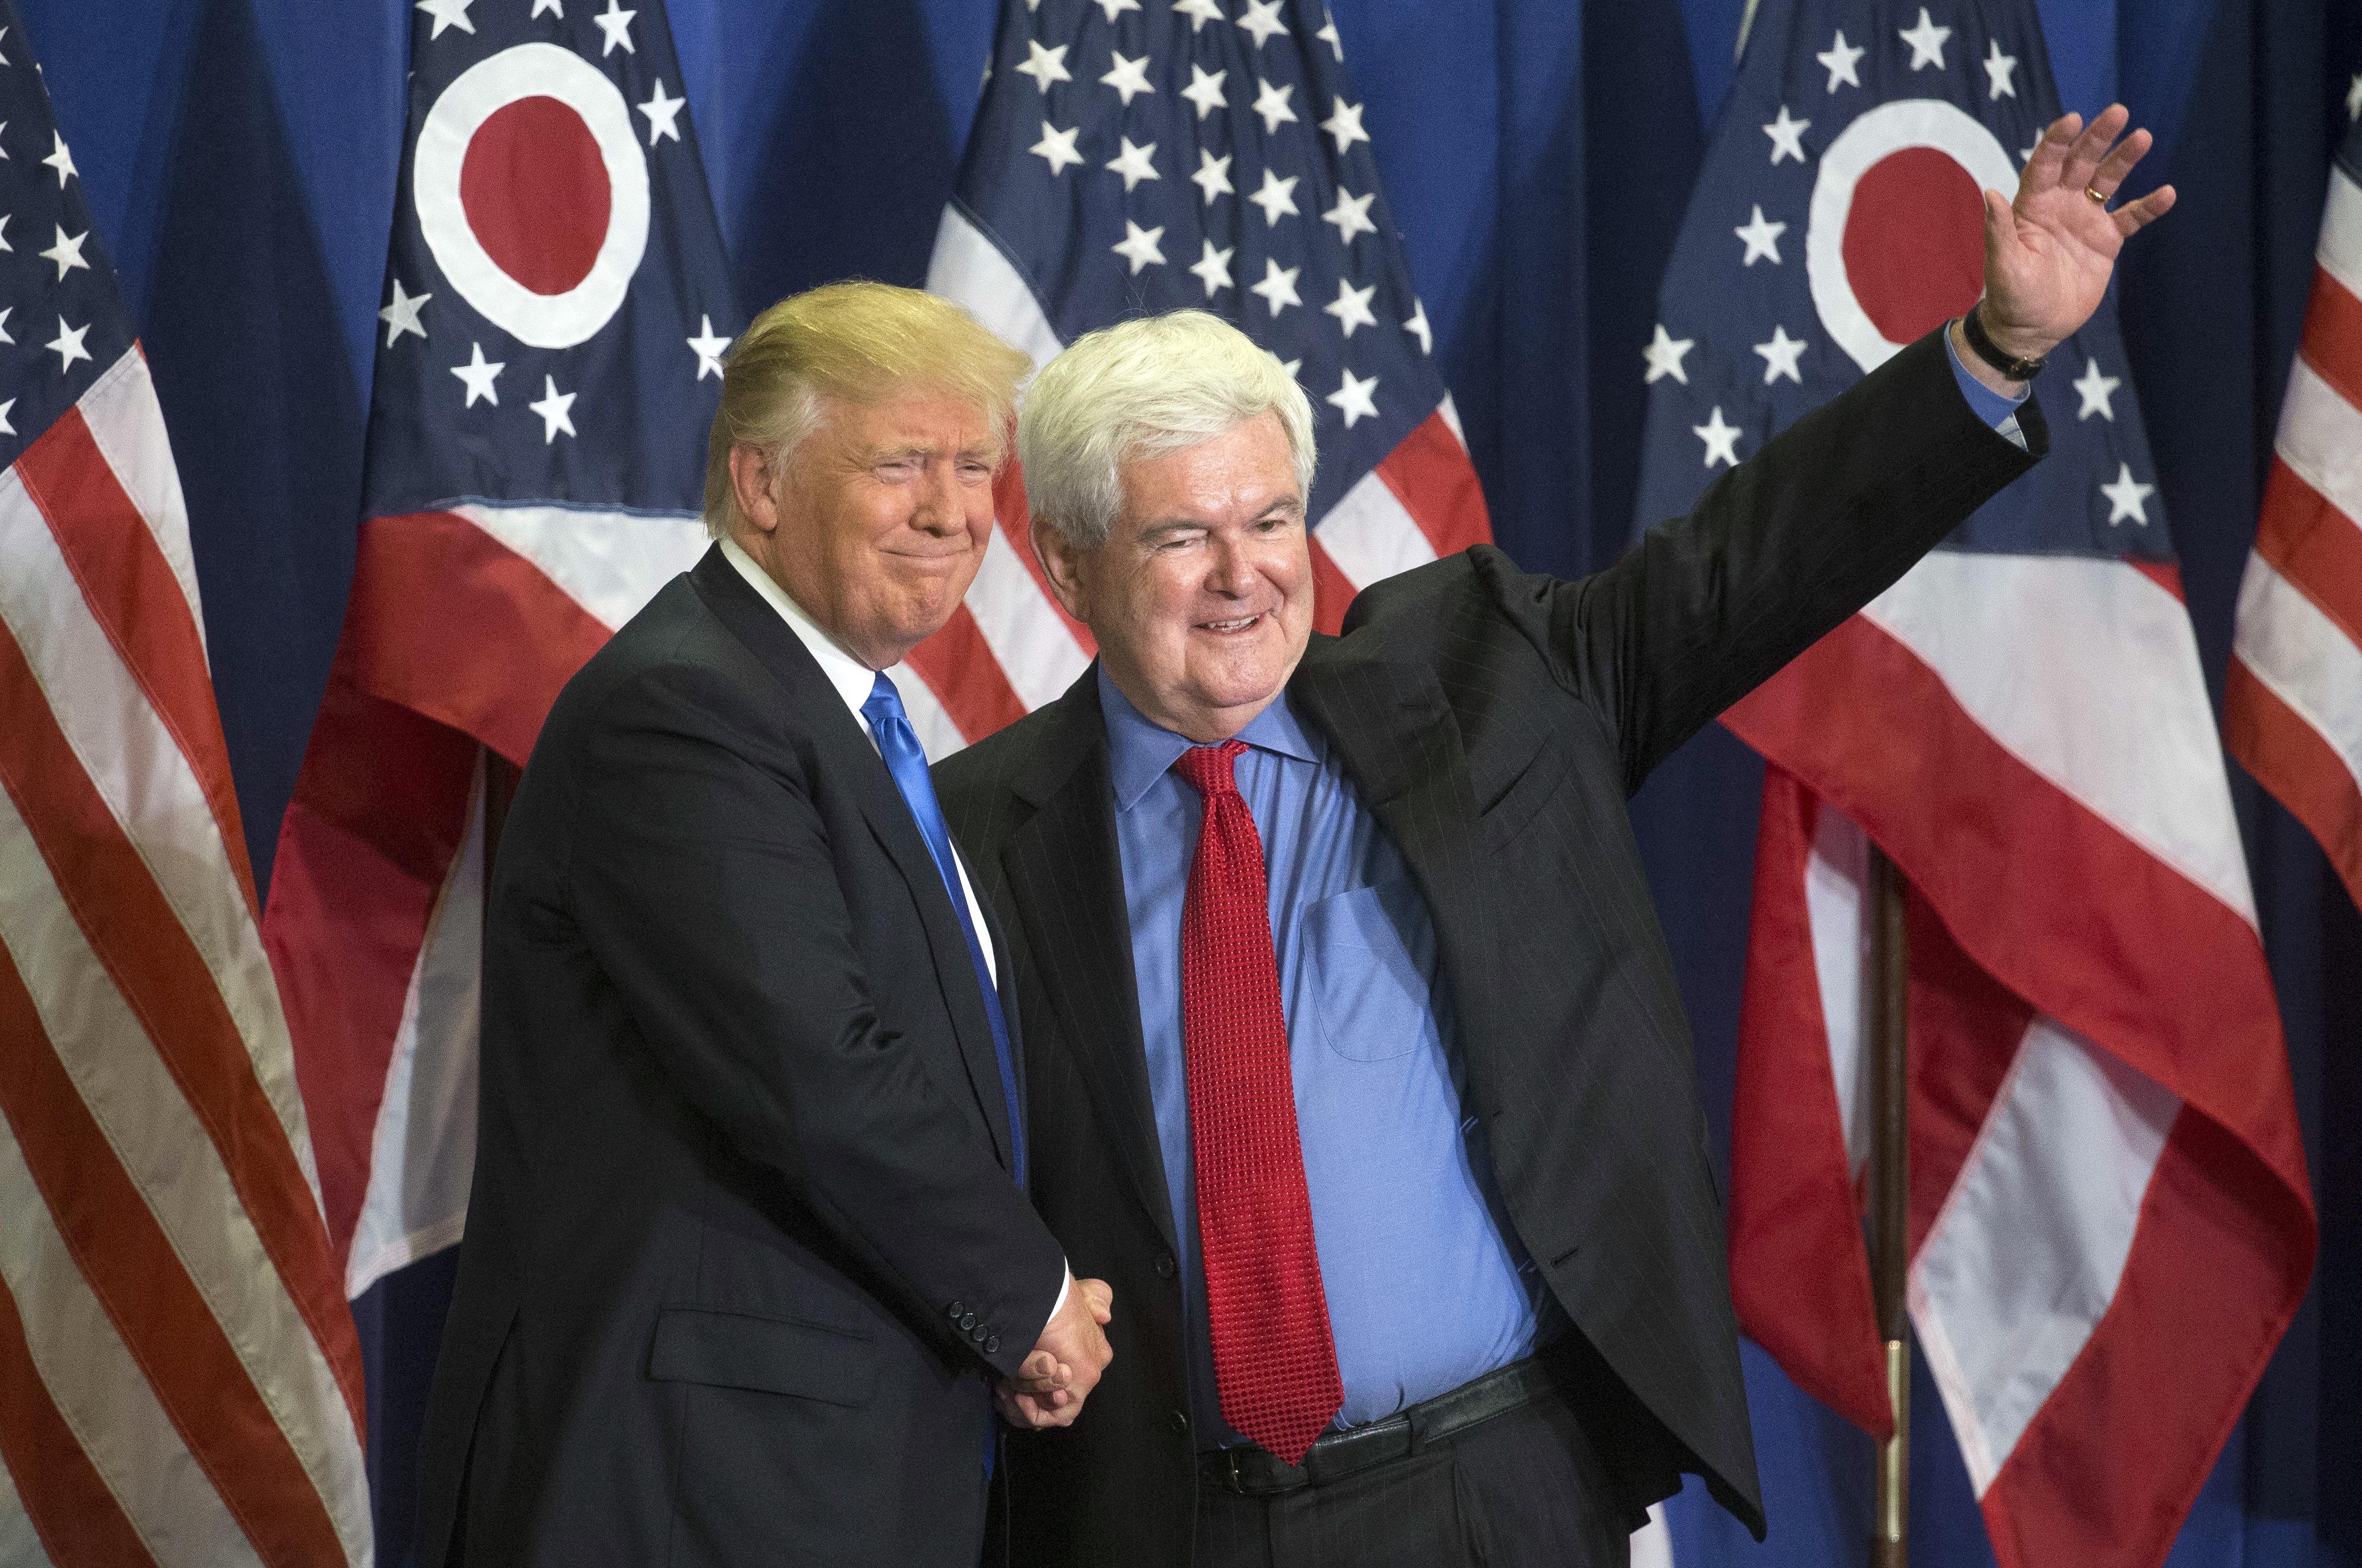 Fox News suspends Newt Gingrich amid Trump VP speculation